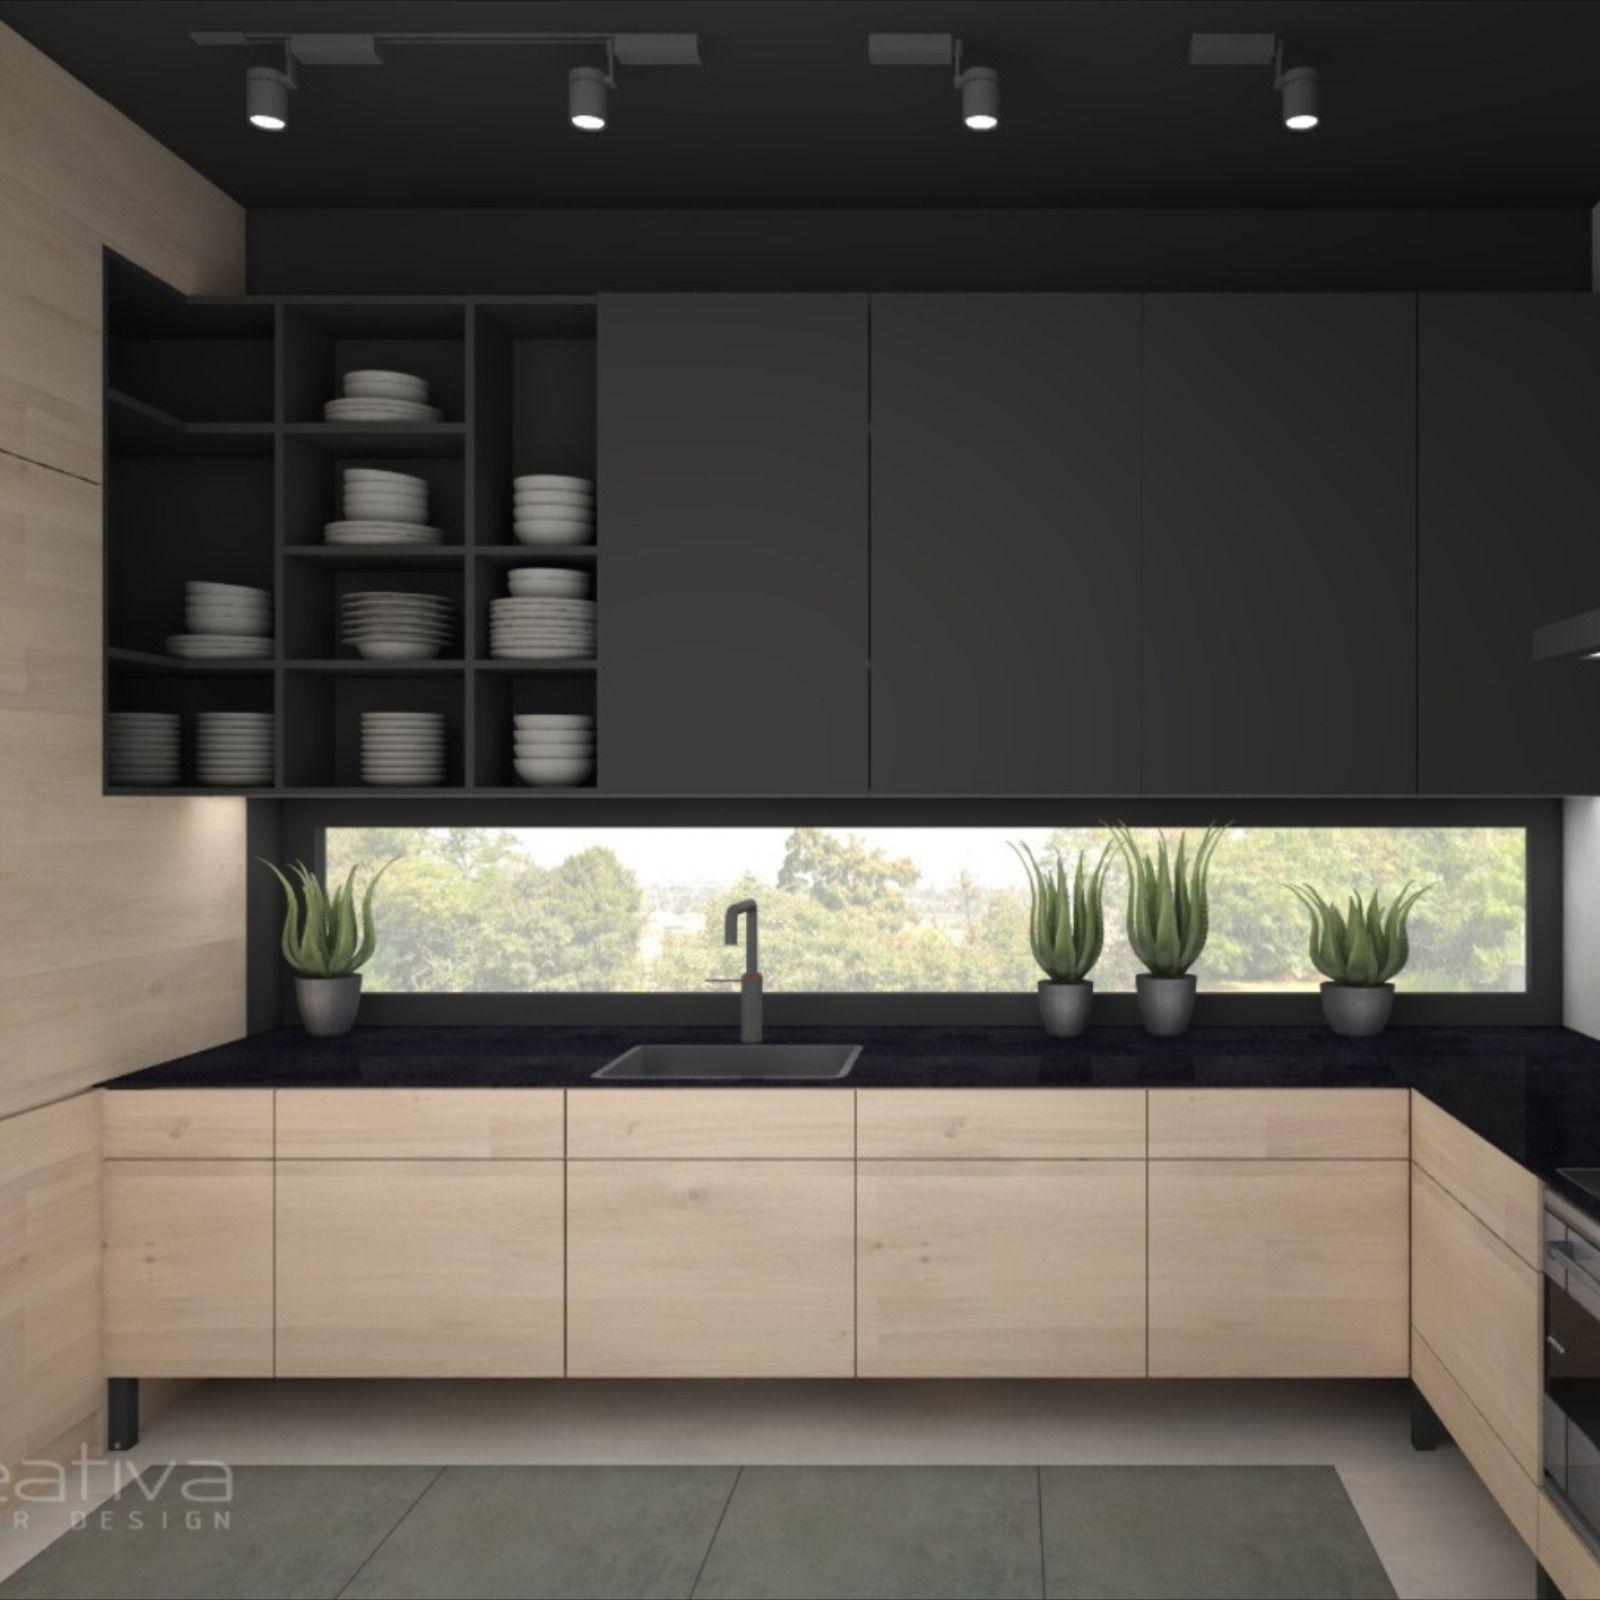 Nowoczesna Kuchnia W Stylu Industrialnym Home Furniture Home Decor